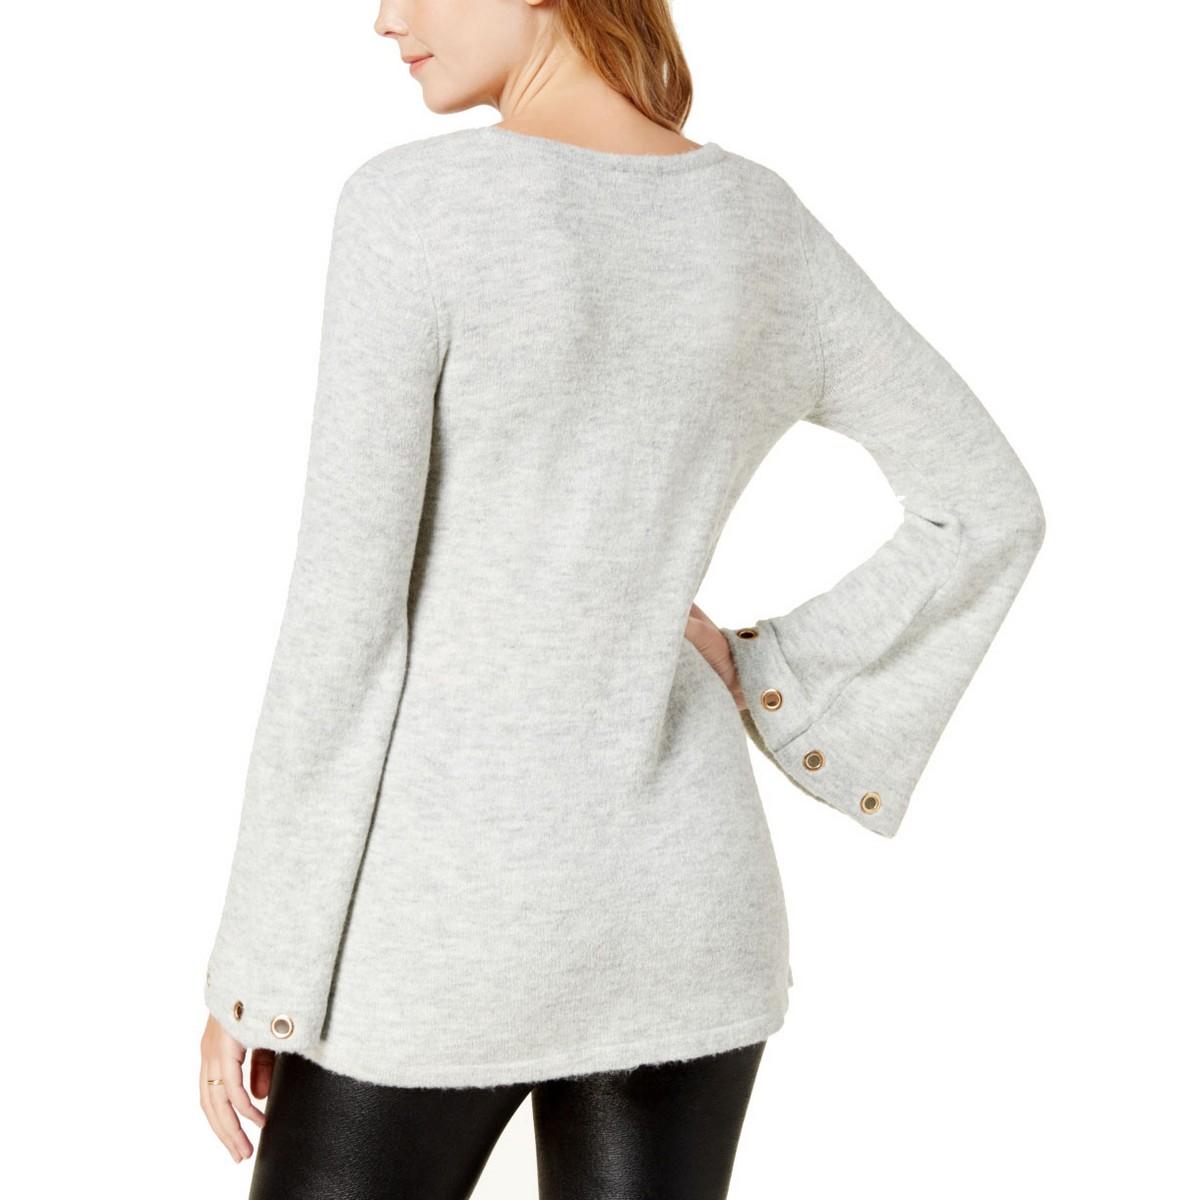 KENSIE-NEW-Women-039-s-Grommet-Bell-Sleeve-Crewneck-Sweater-Top-TEDO thumbnail 8